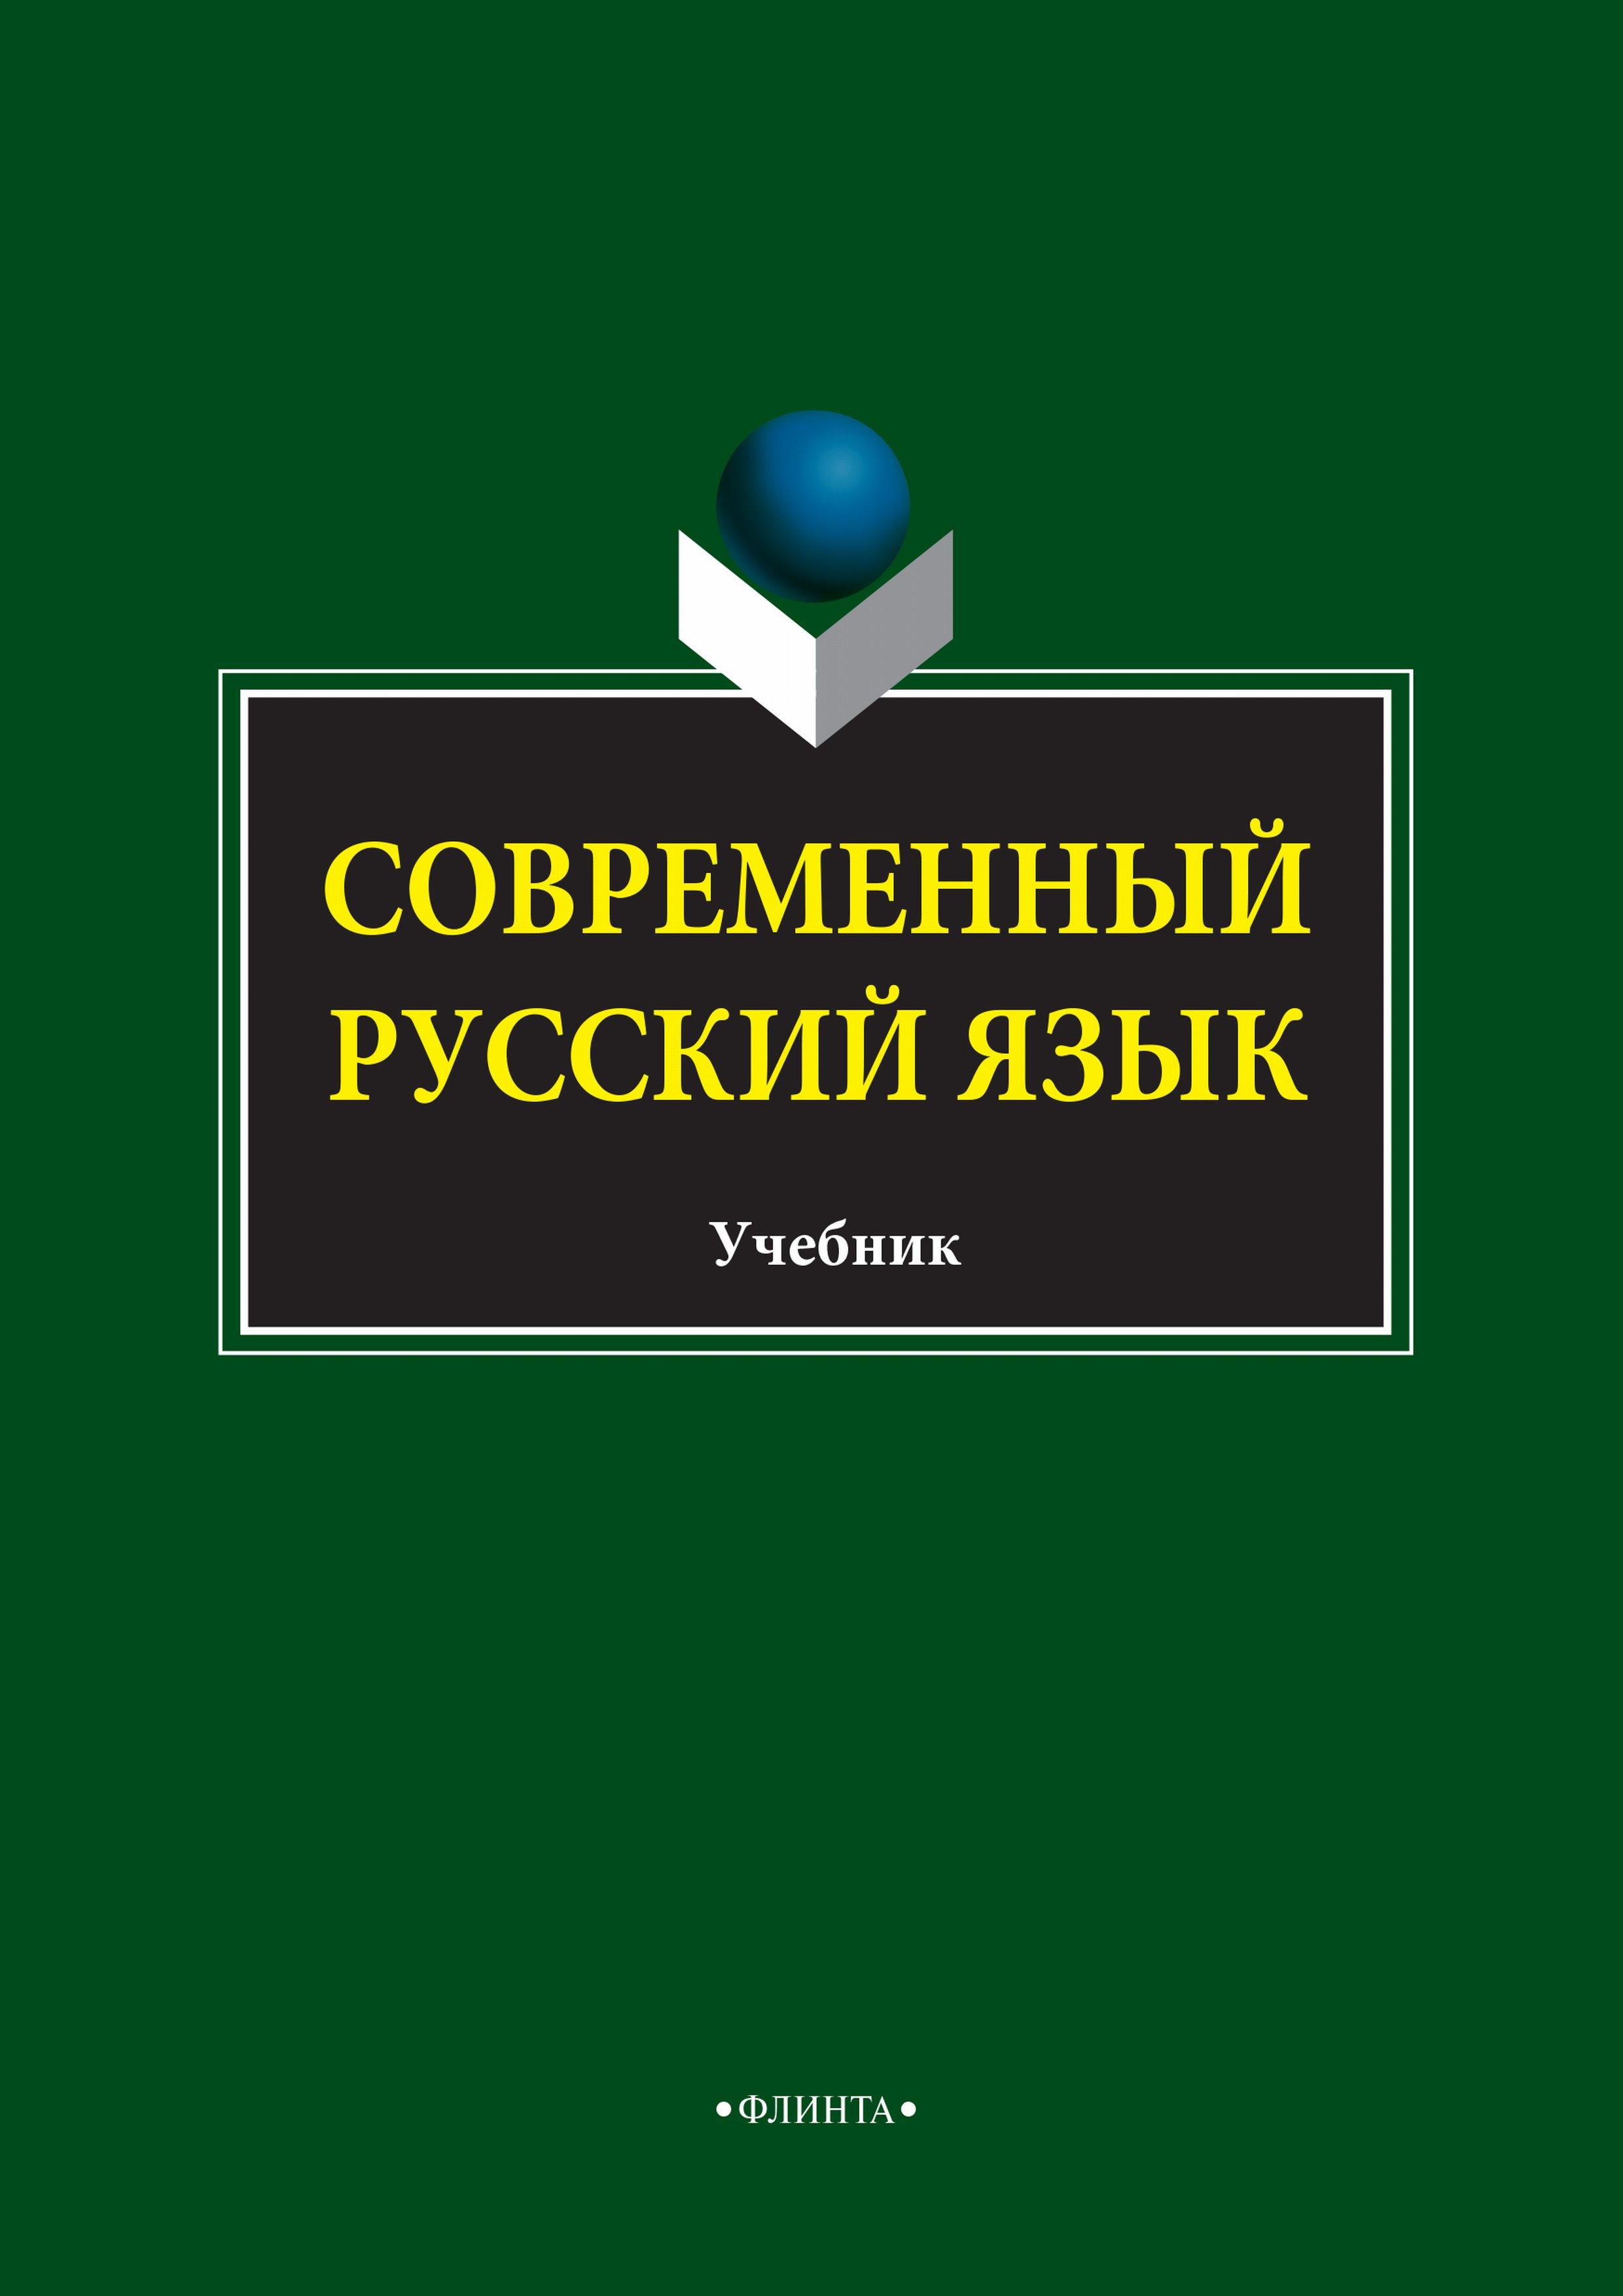 Современный русский язык ( С. М. Колесникова  )